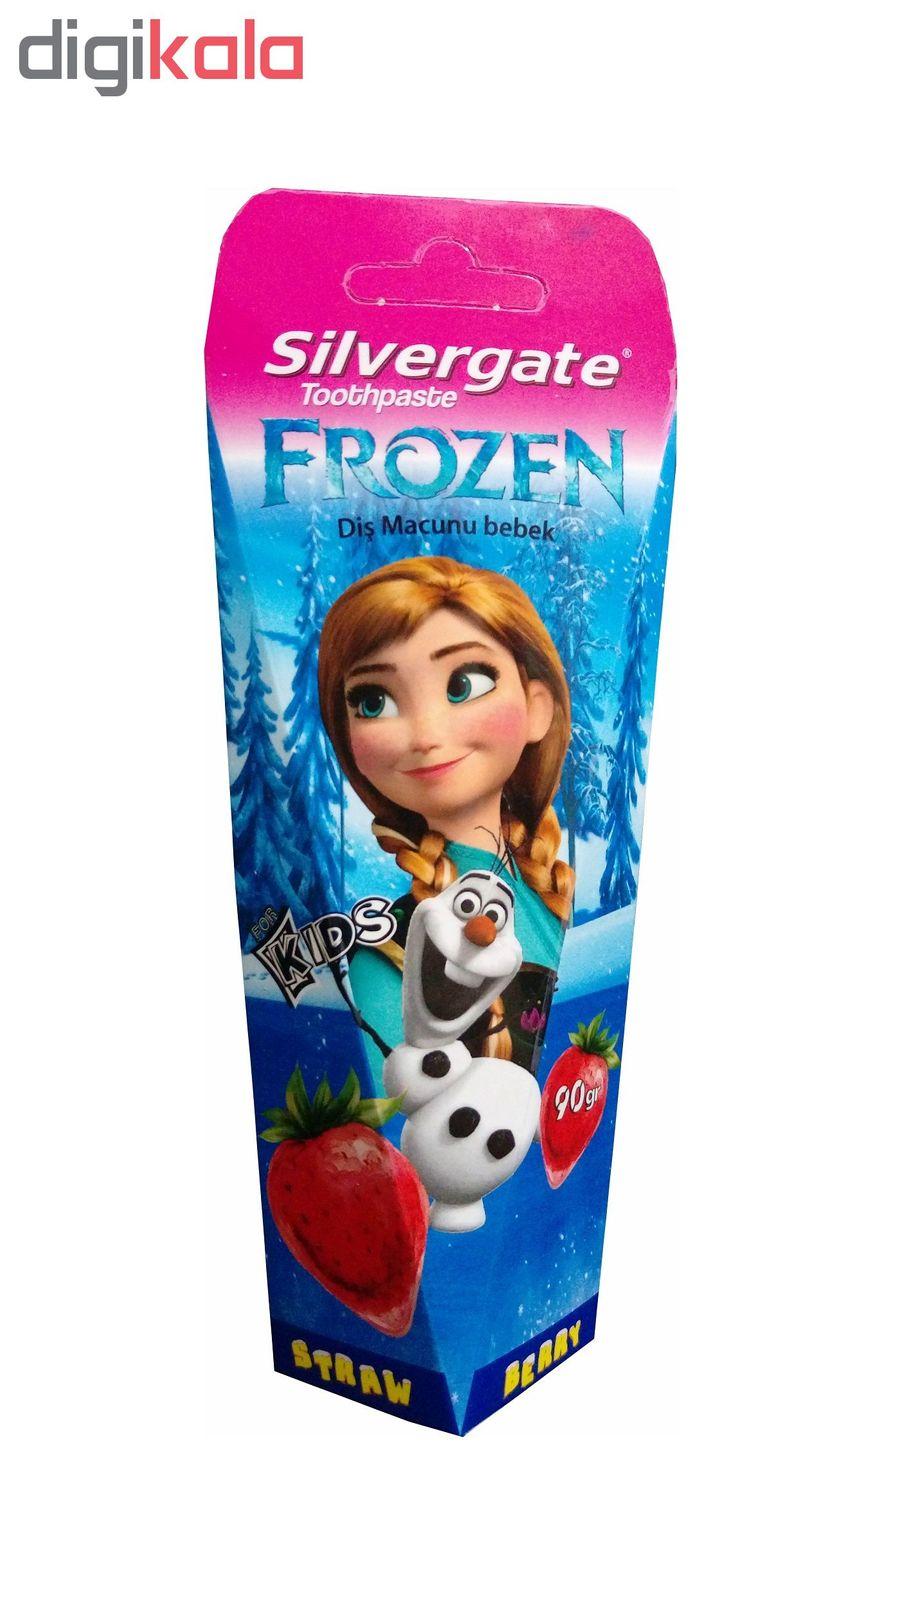 خمیر دندان کودک سیلورگیت مدل Frozen مقدار 90 گرم main 1 1